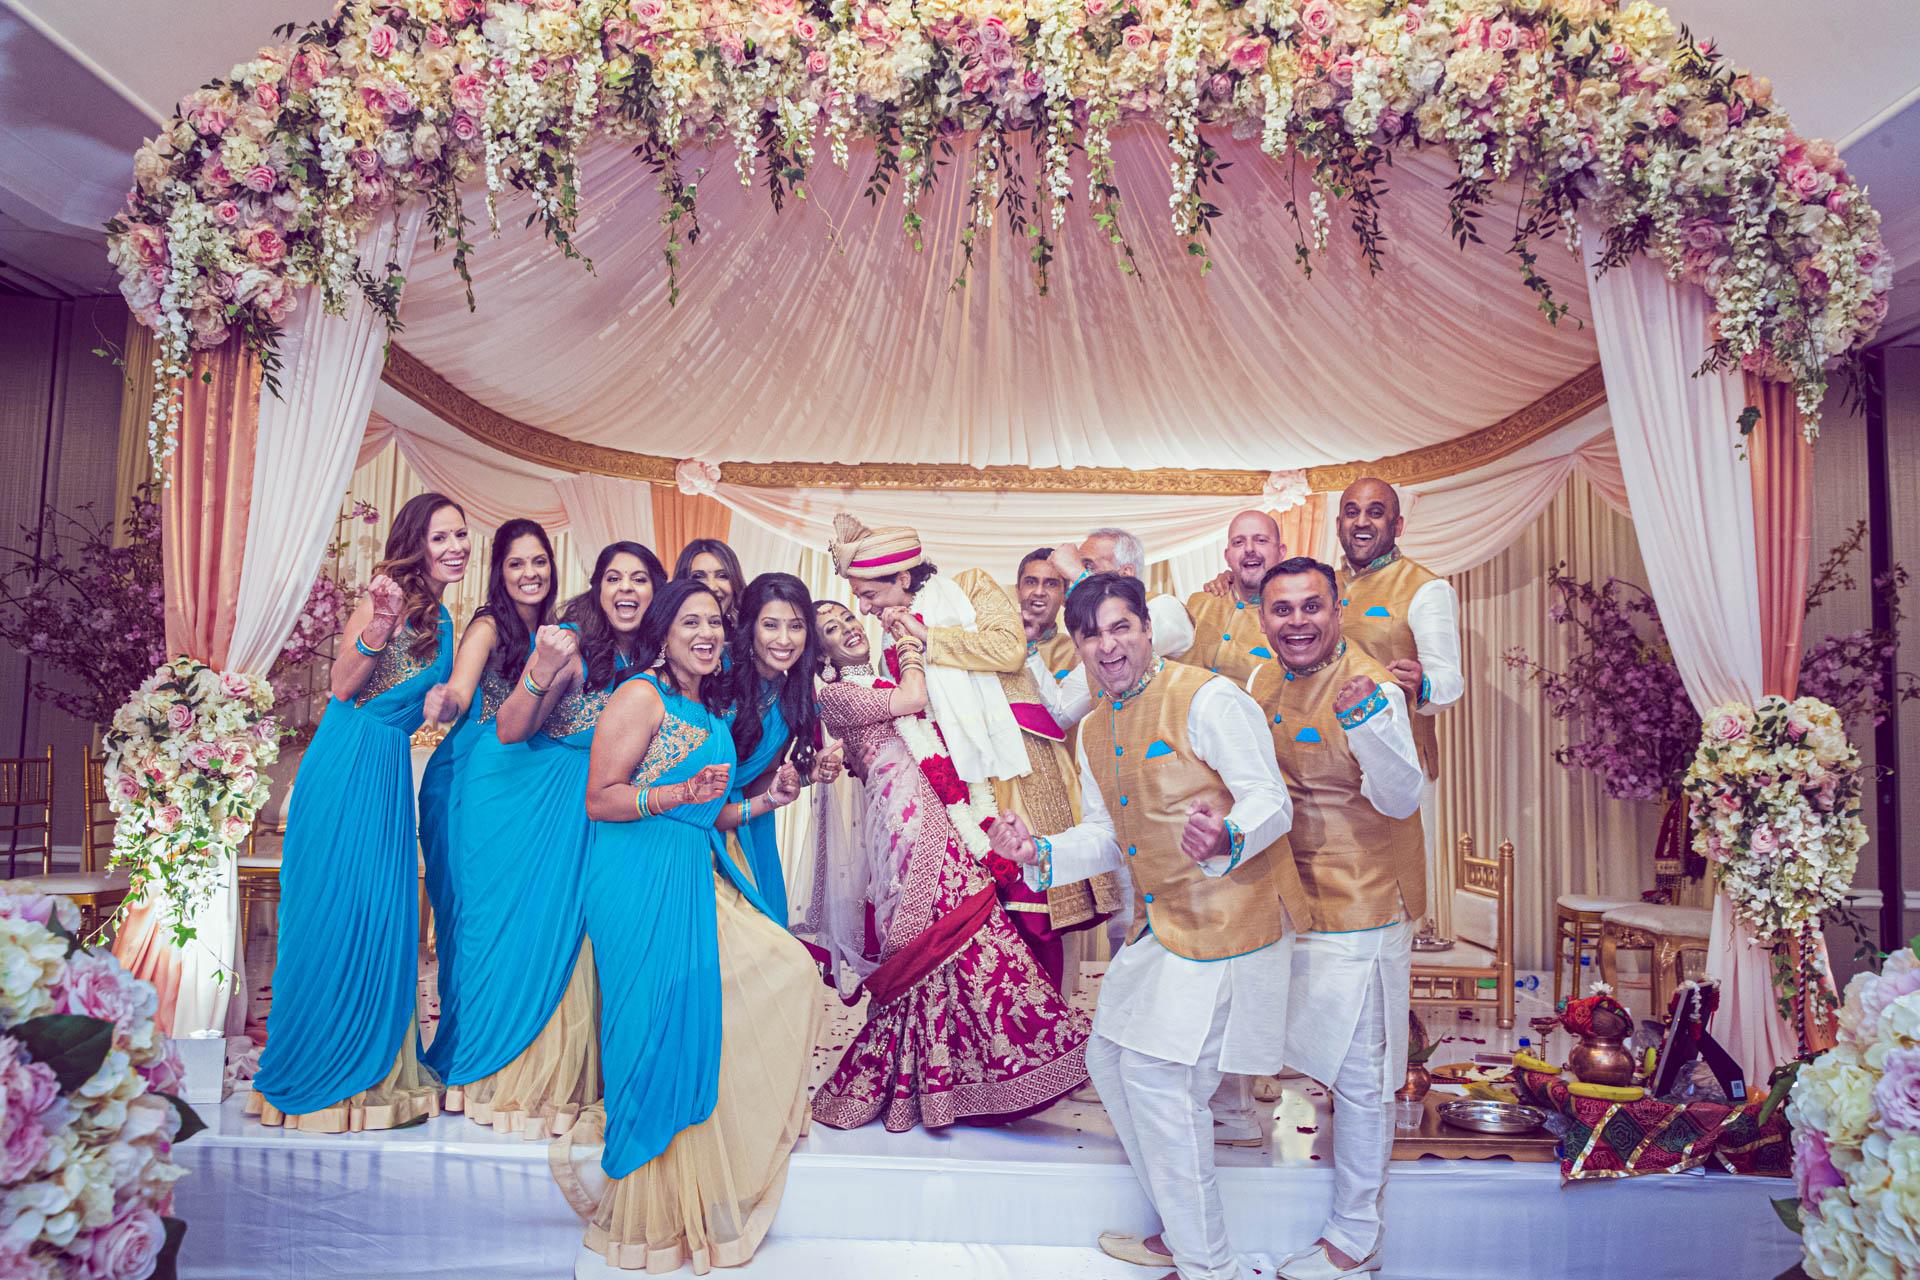 SHERATON MAHWAH INDIAN WEDDING 16